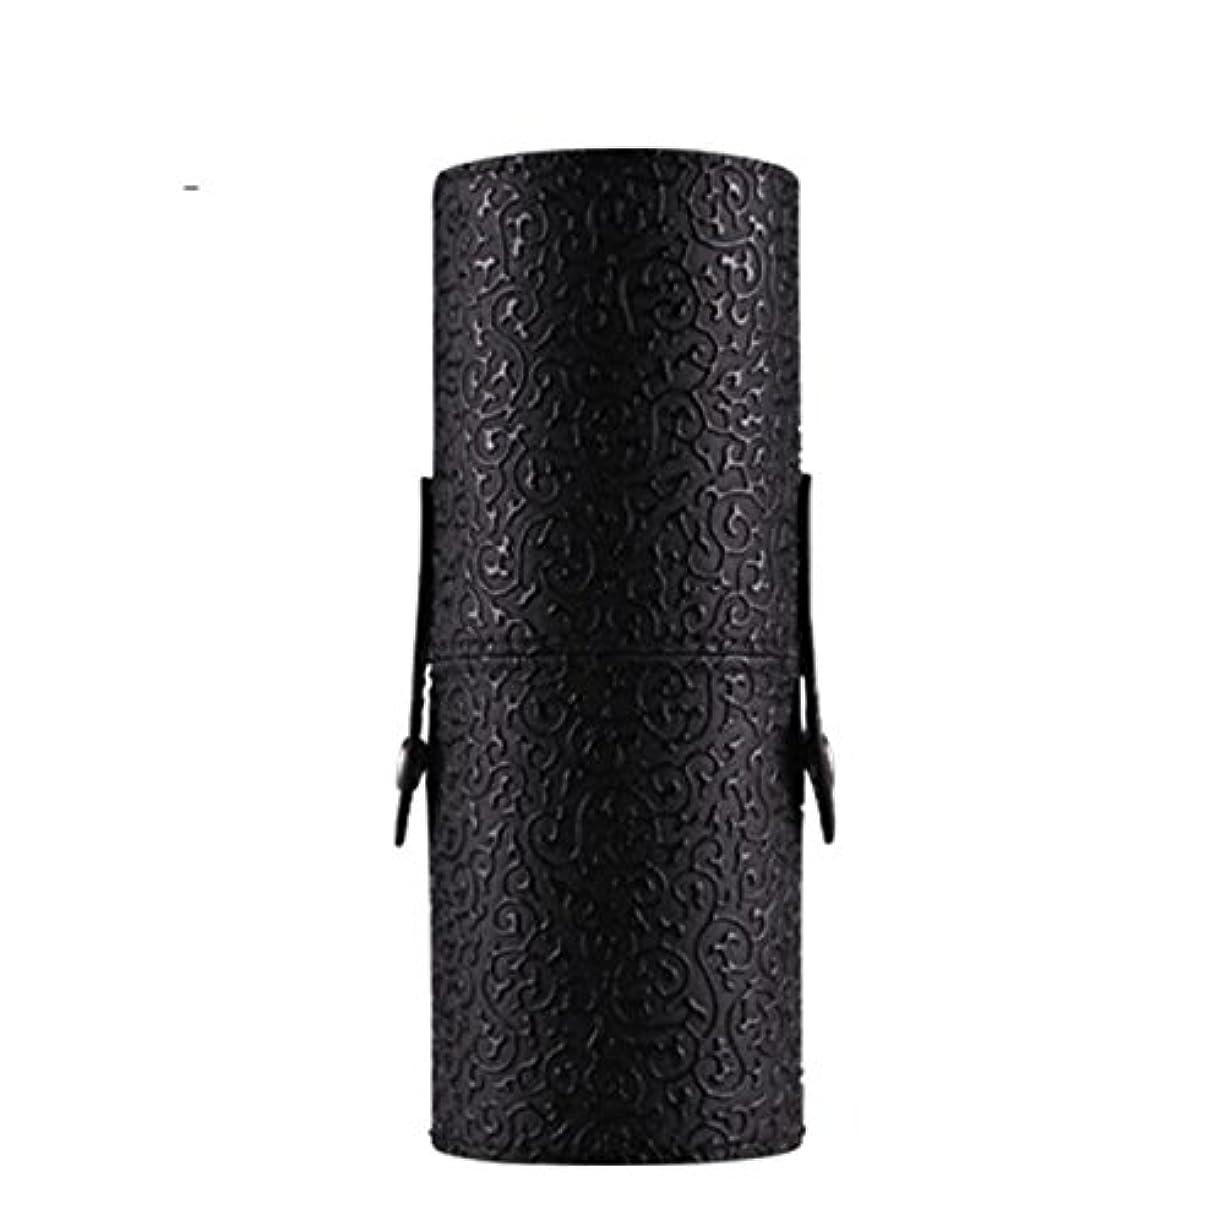 ビジター覗くジャンルFortan化粧ポーチ PU革 雲紋 化粧ブラシ 収納筒 メイクボックス コスメポーチ メイクアップポーチ 携帯し易い (黒色)